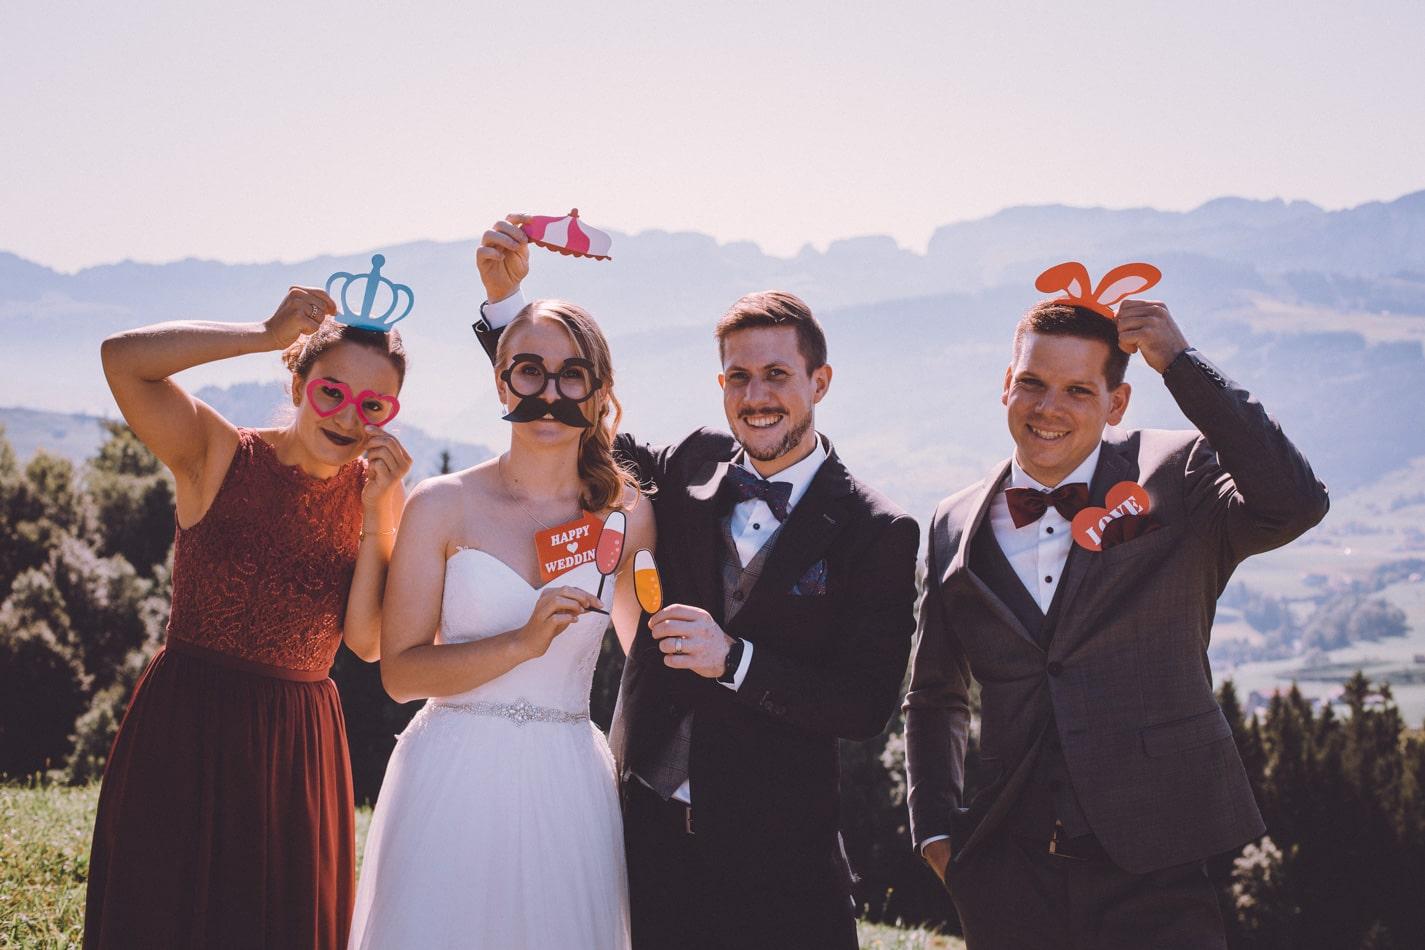 Lustige Hochzeitsfotos in Appenzell